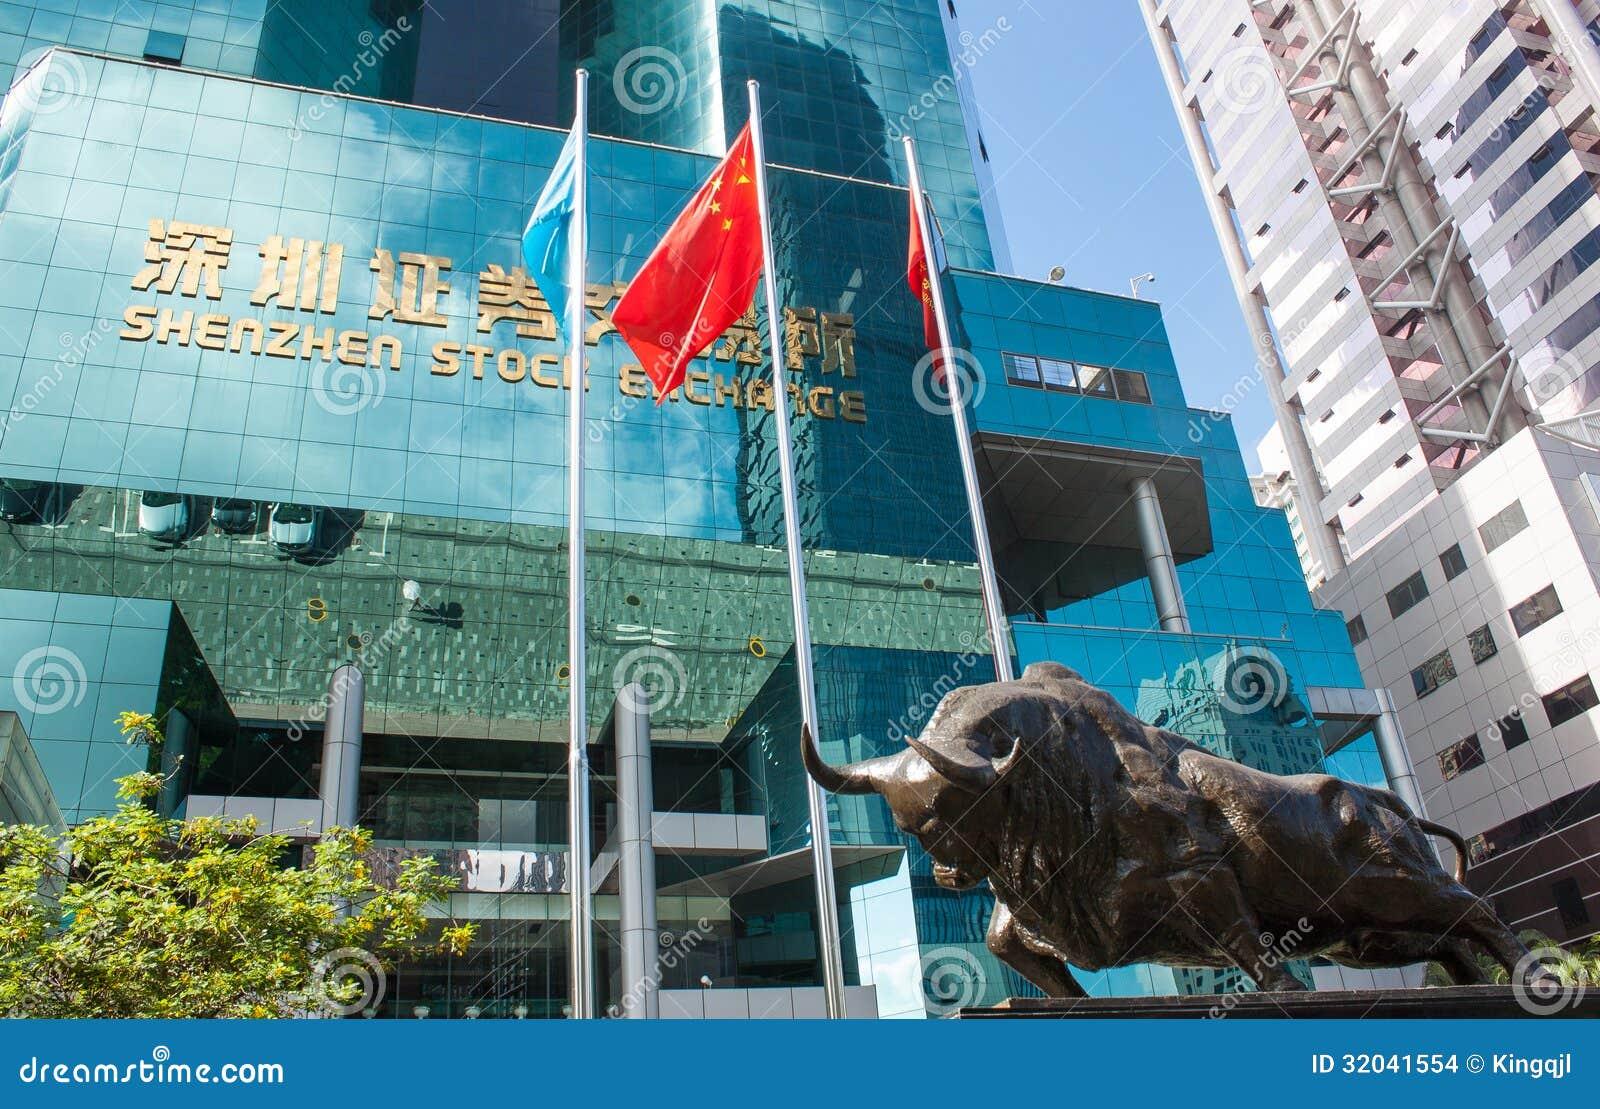 Borsa valori di Shenzhen